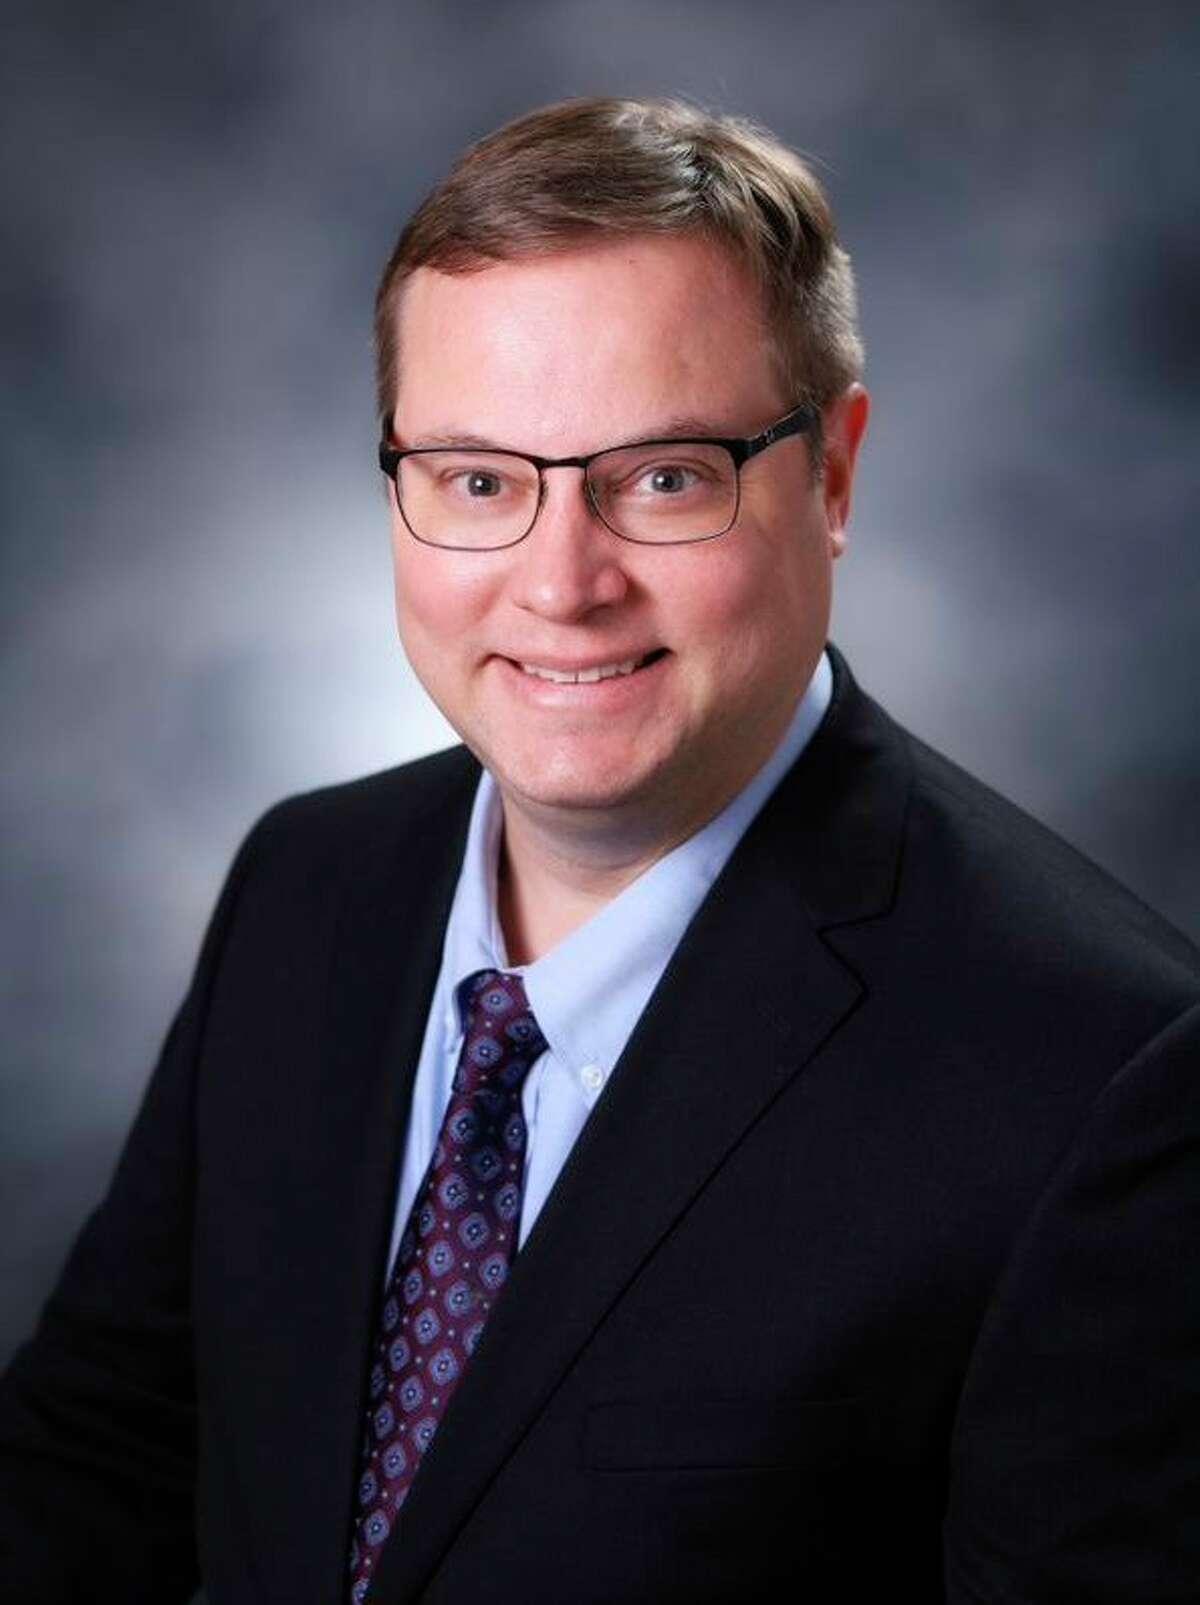 Dr. Chris deCastro, DO